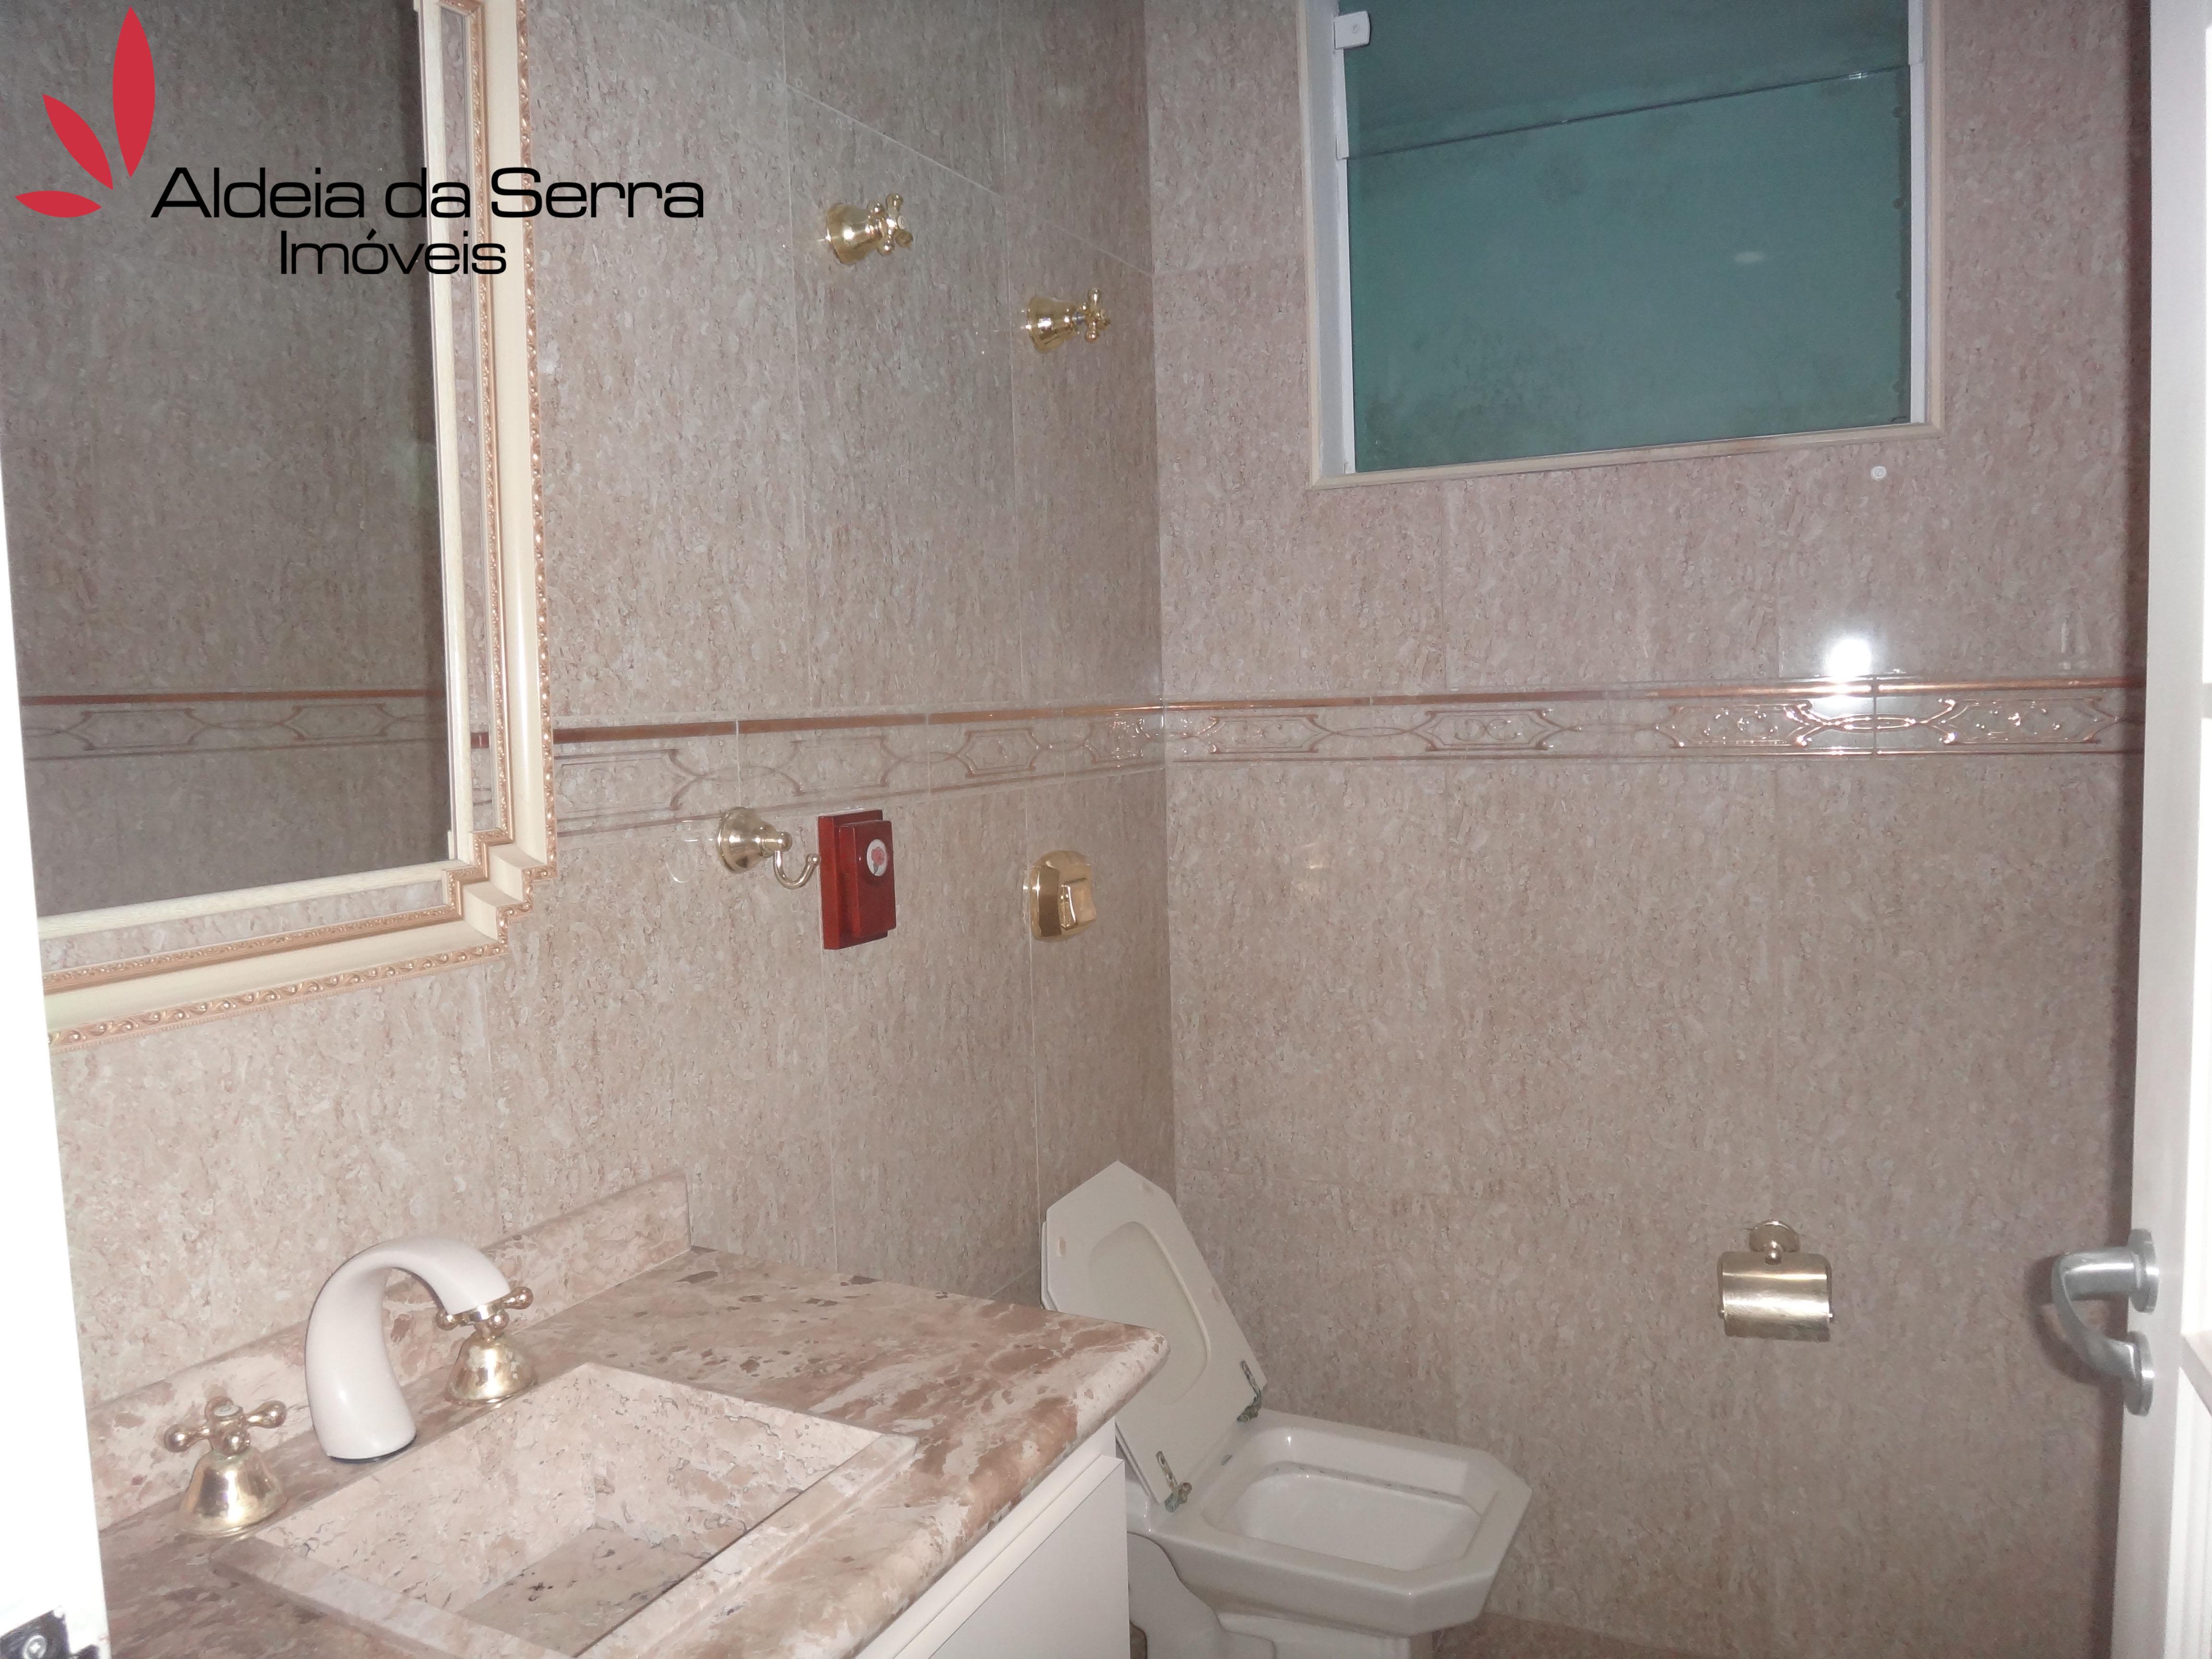 /admin/imoveis/fotos/imagem1(7).jpg Aldeia da Serra Imoveis